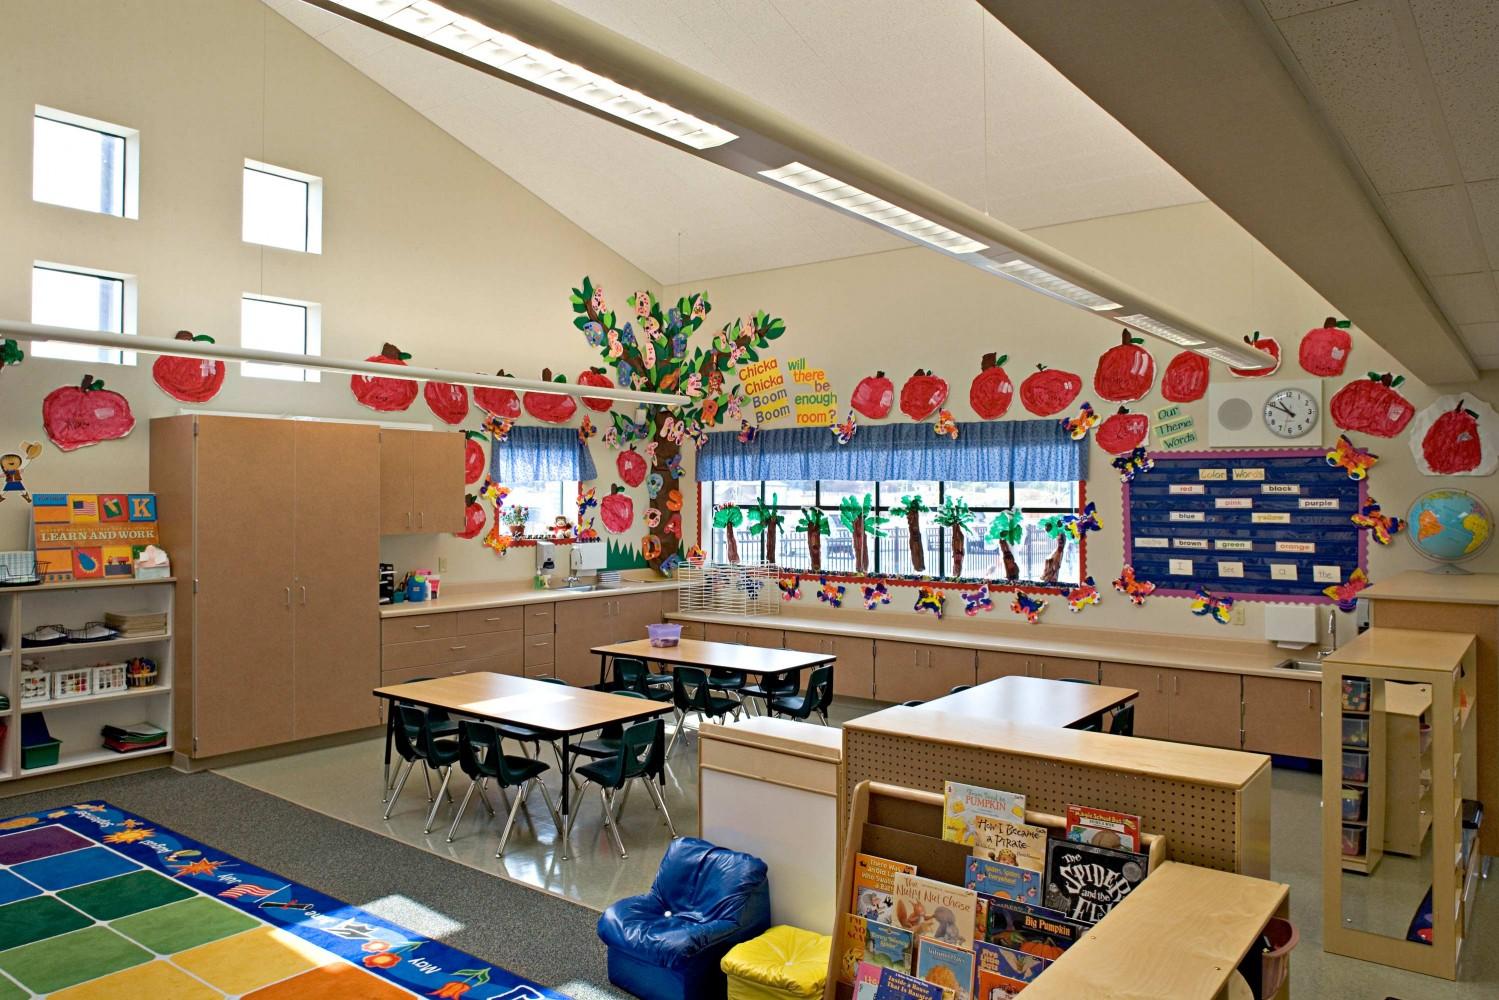 11 College Classroom Design Images